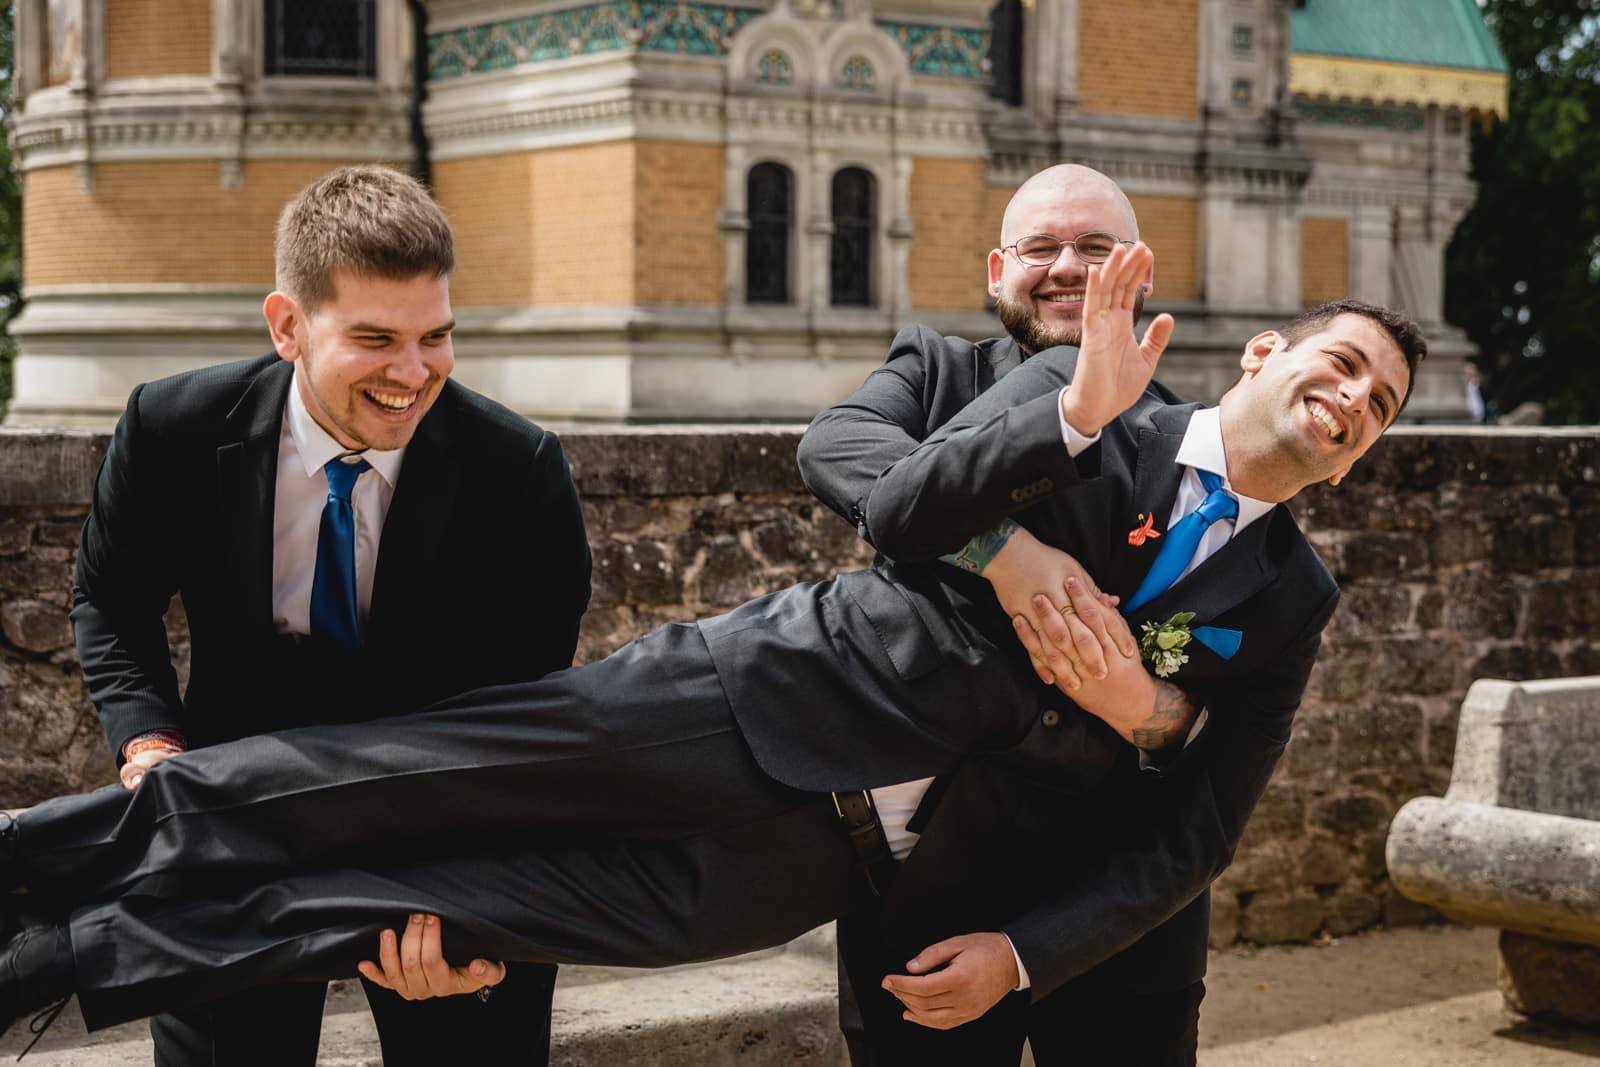 Bräutigam wird von seinen Trauzeugen hochgehoben